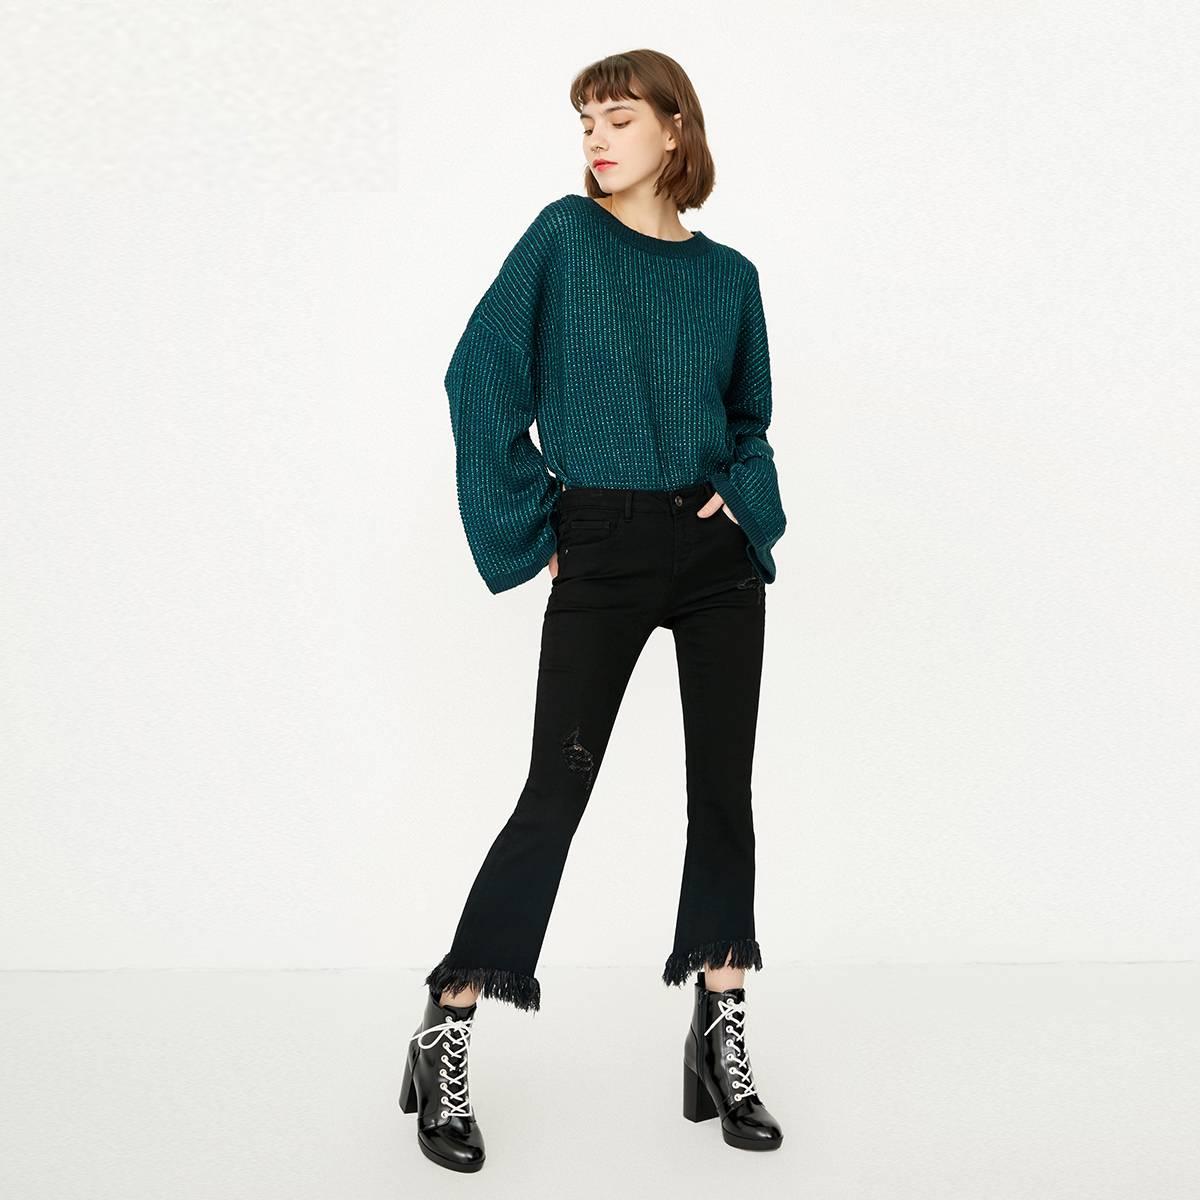 [热销]ONLY春季新款深色低腰毛边喇叭磨破九分牛仔裤女 119149549